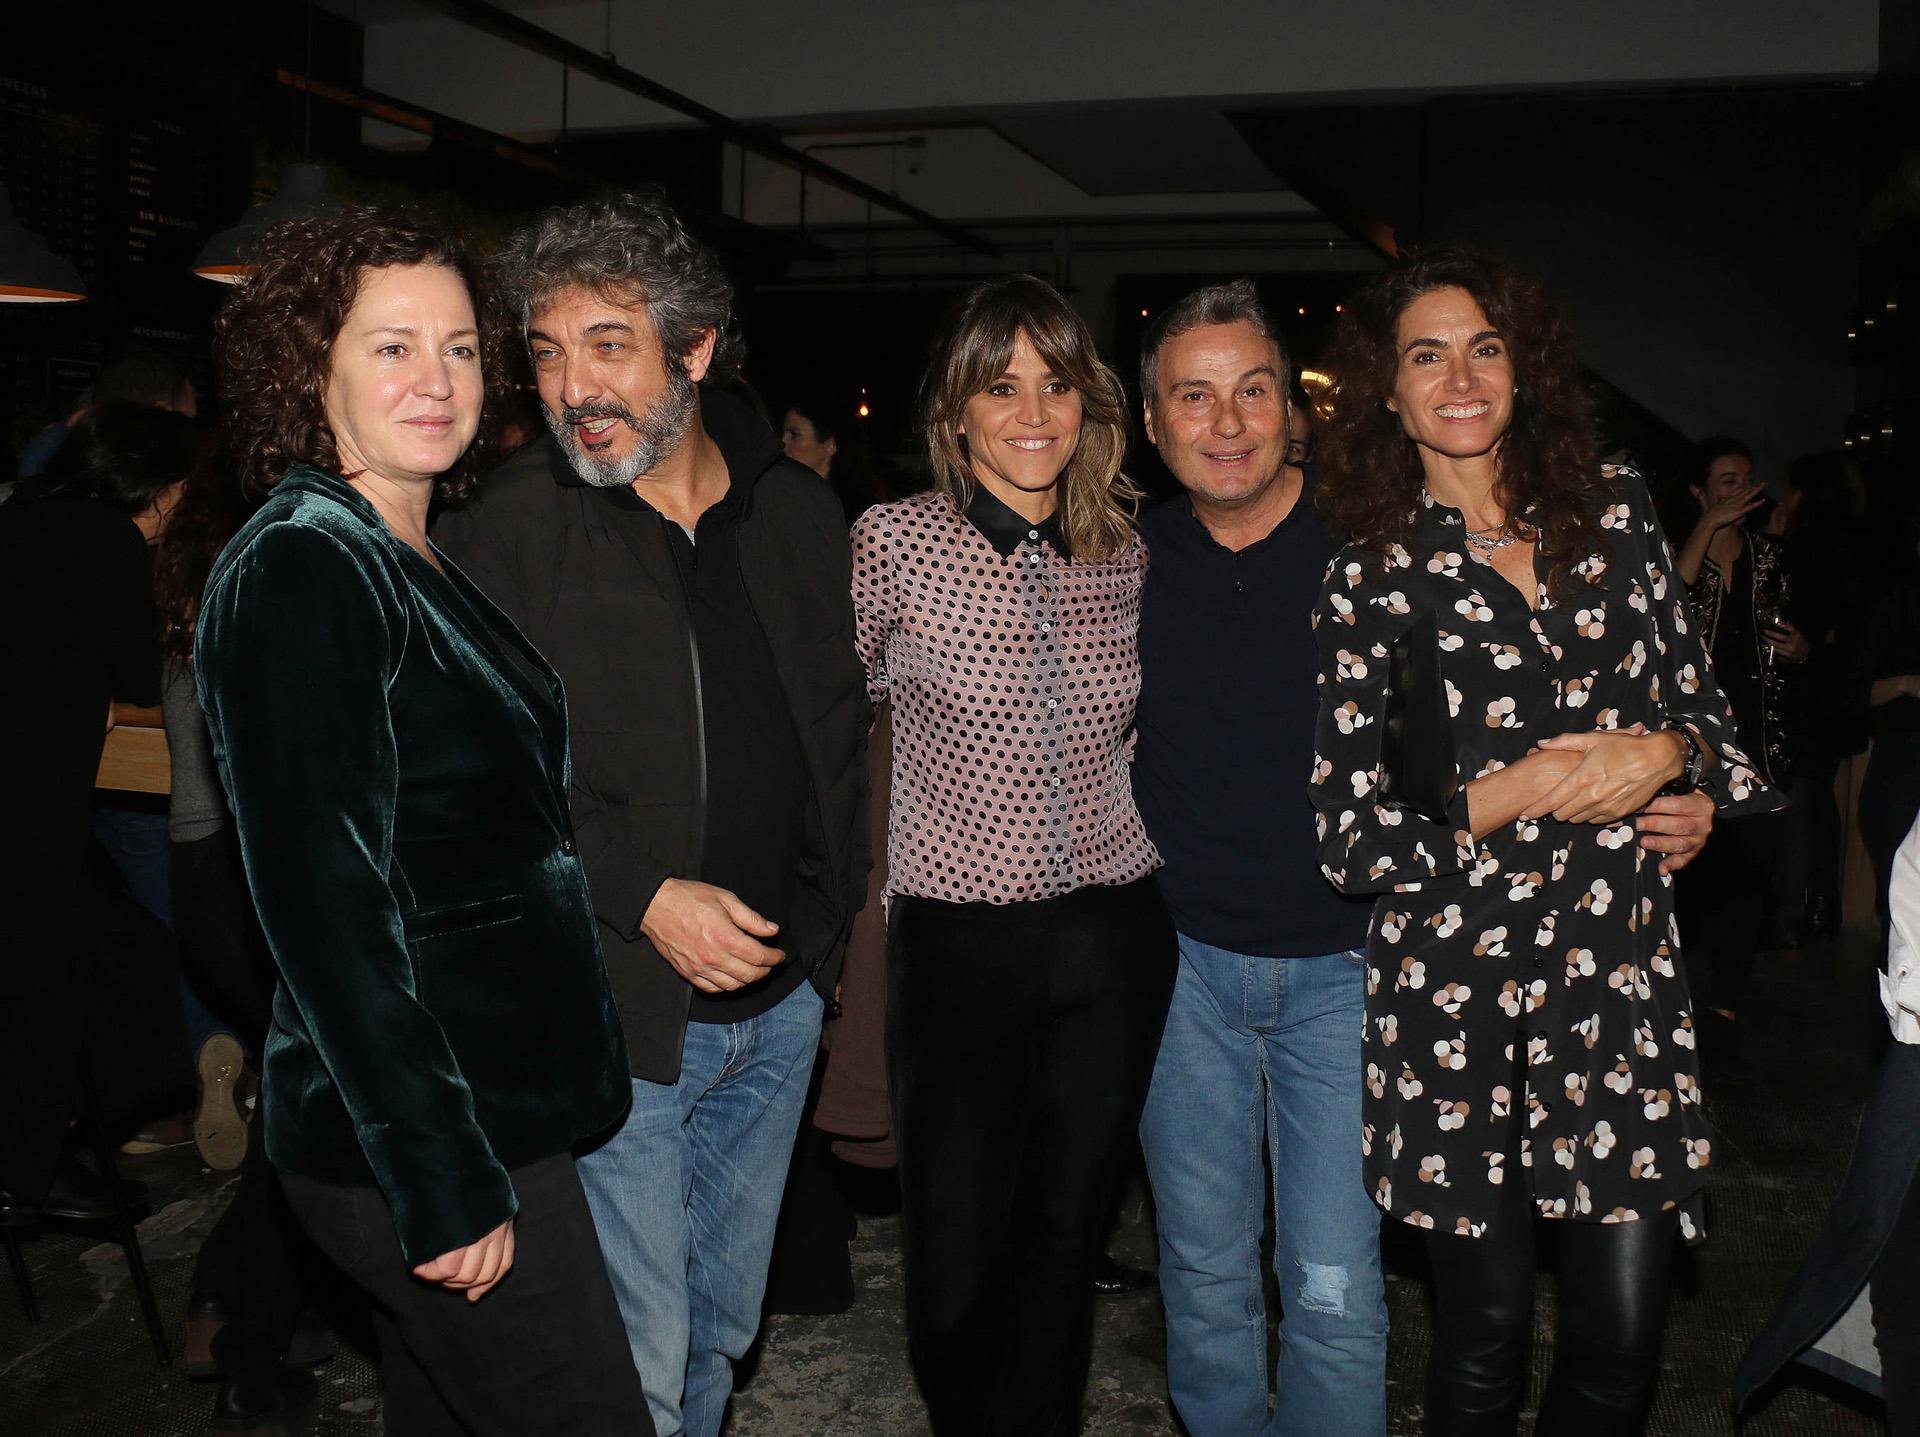 Florencia Bas, Ricardo Darín, María Freytes, Willy Lemos y Florencia Raggi